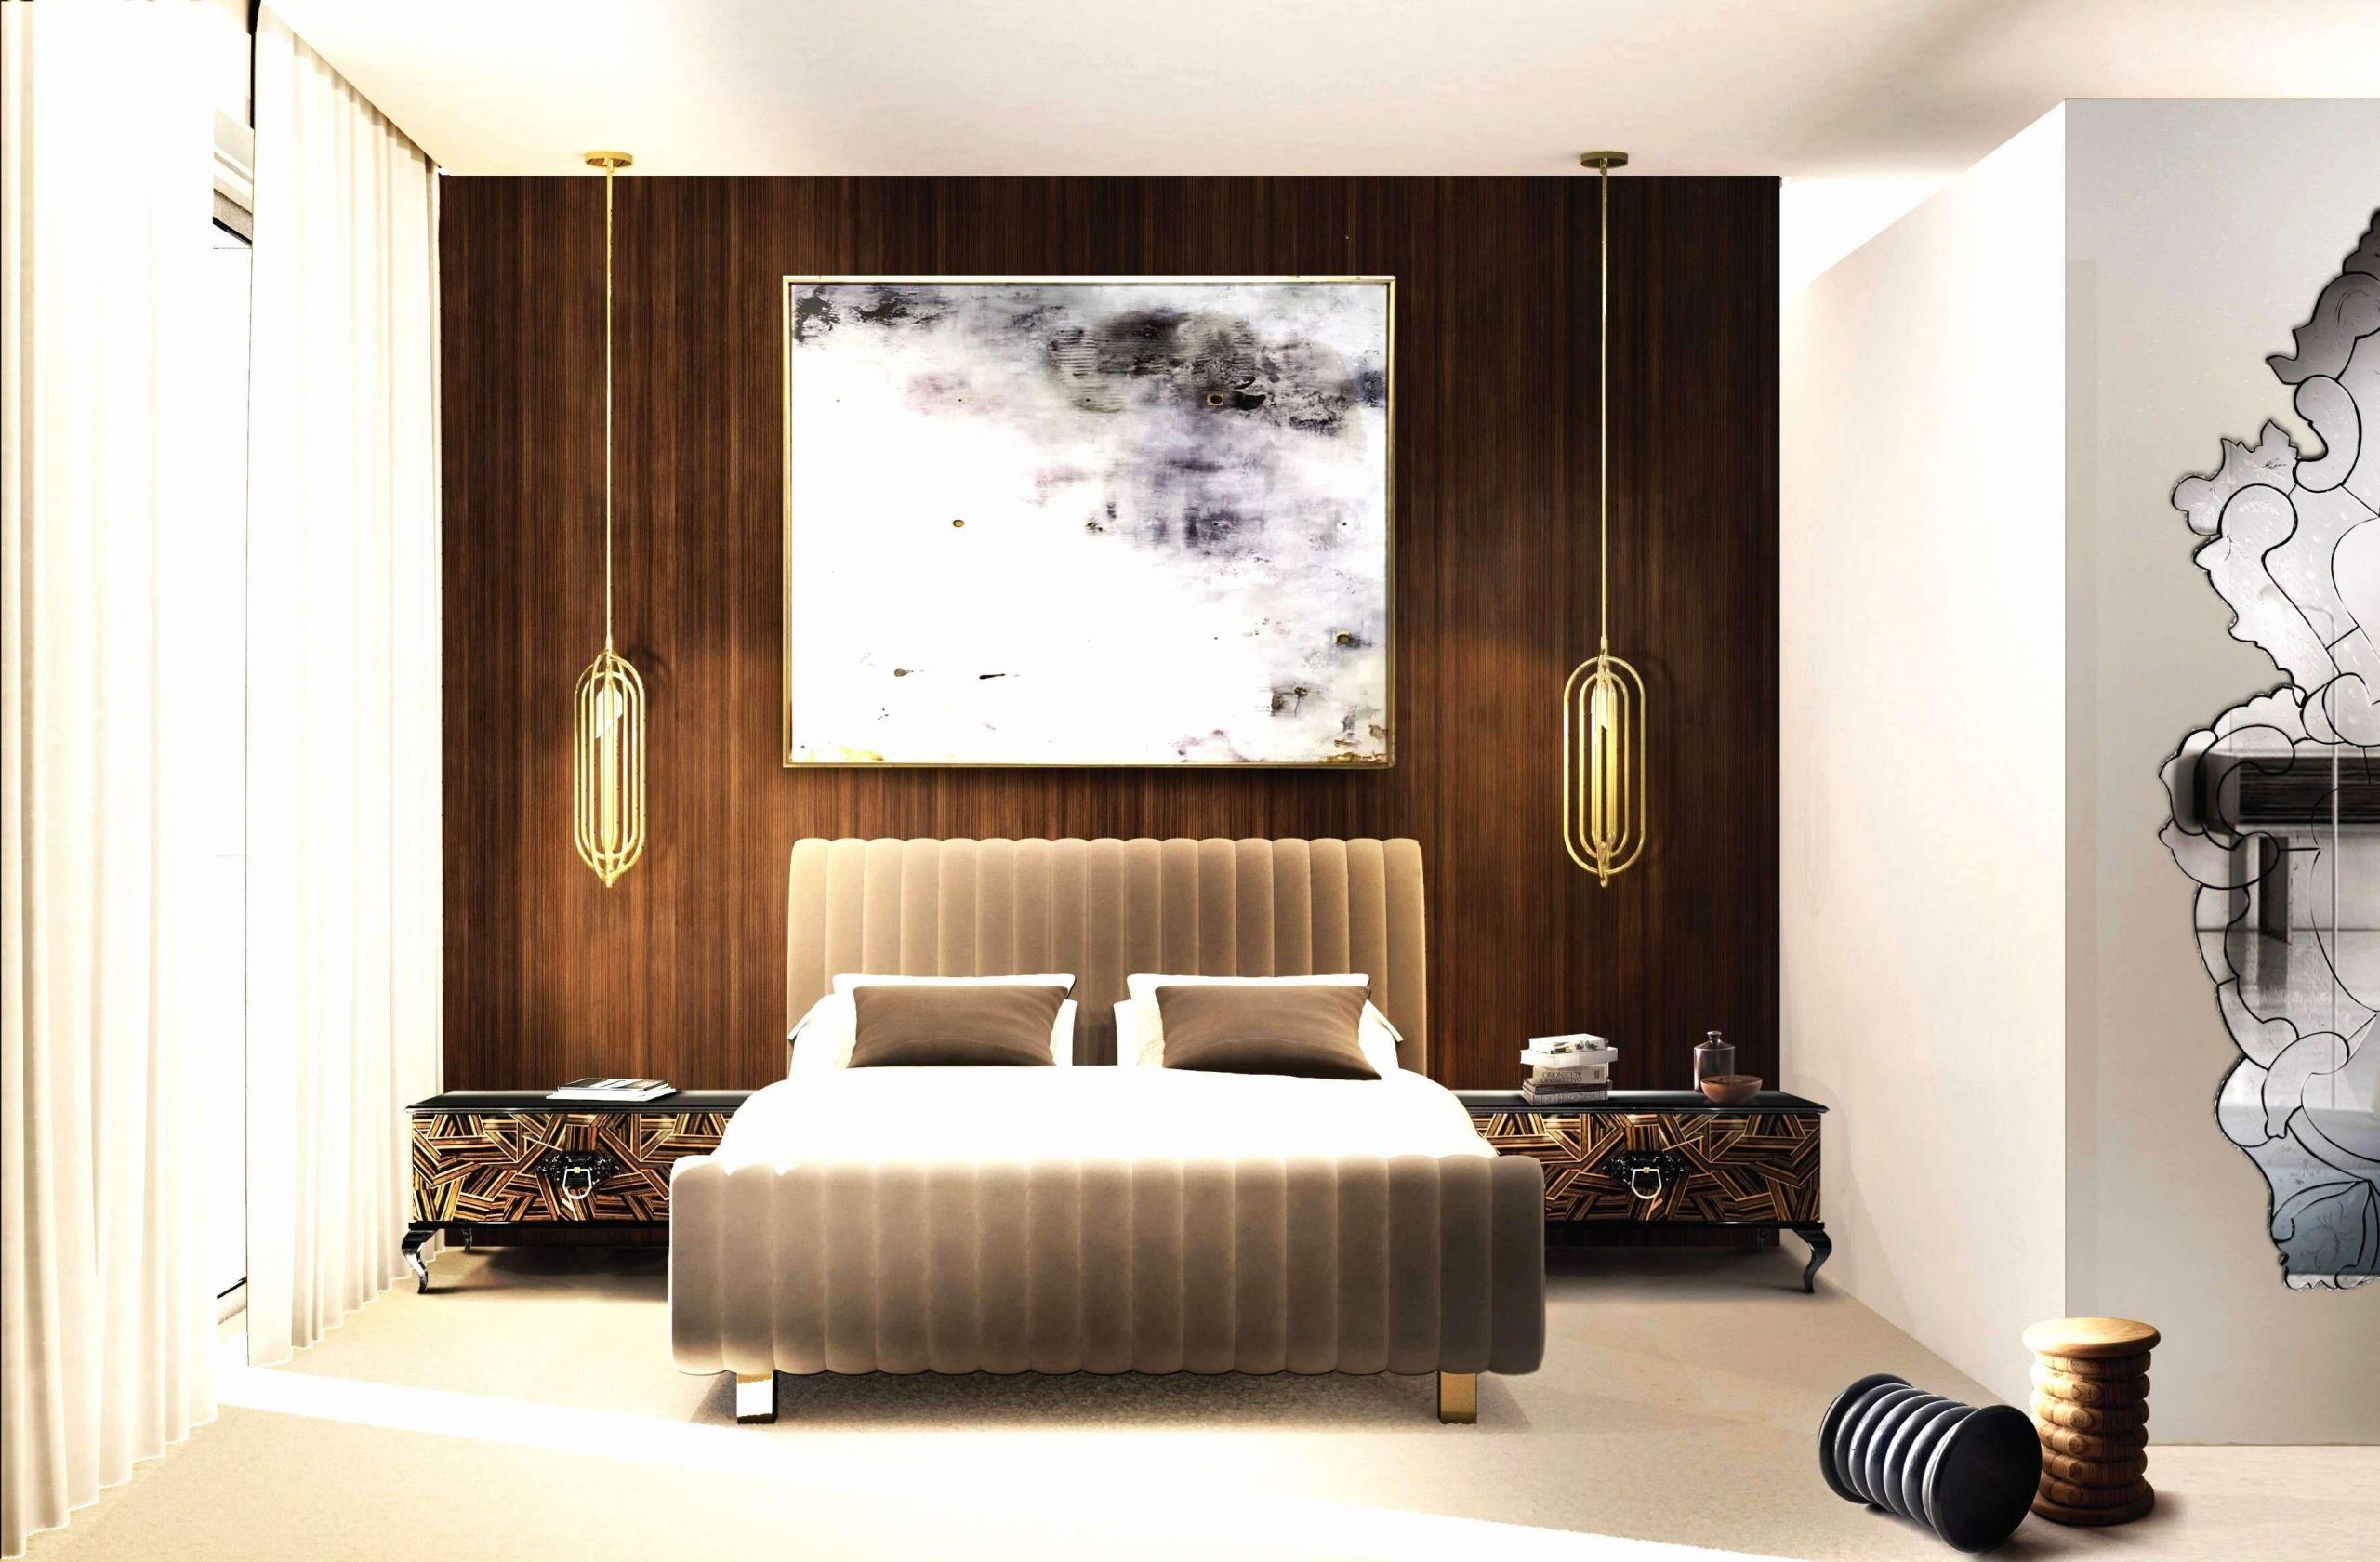 Deko Ideen Hauseingang Schön Moderner Landhausstil Wohnzimmer Luxus Wohnzimmer Ideen